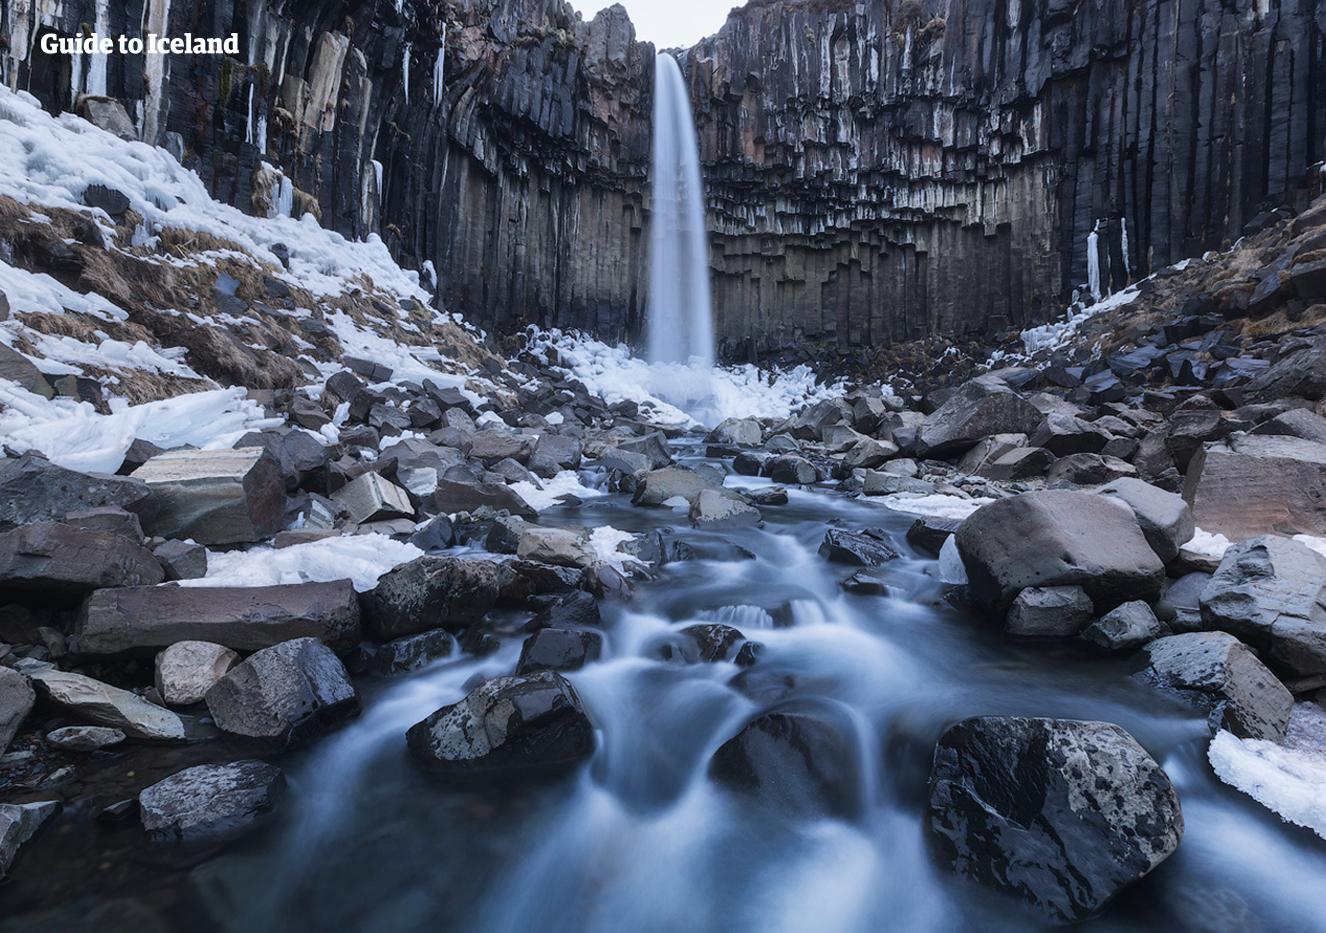 被六角形玄武岩石柱群包围的Svartifoss在冬季被雪包围的景色